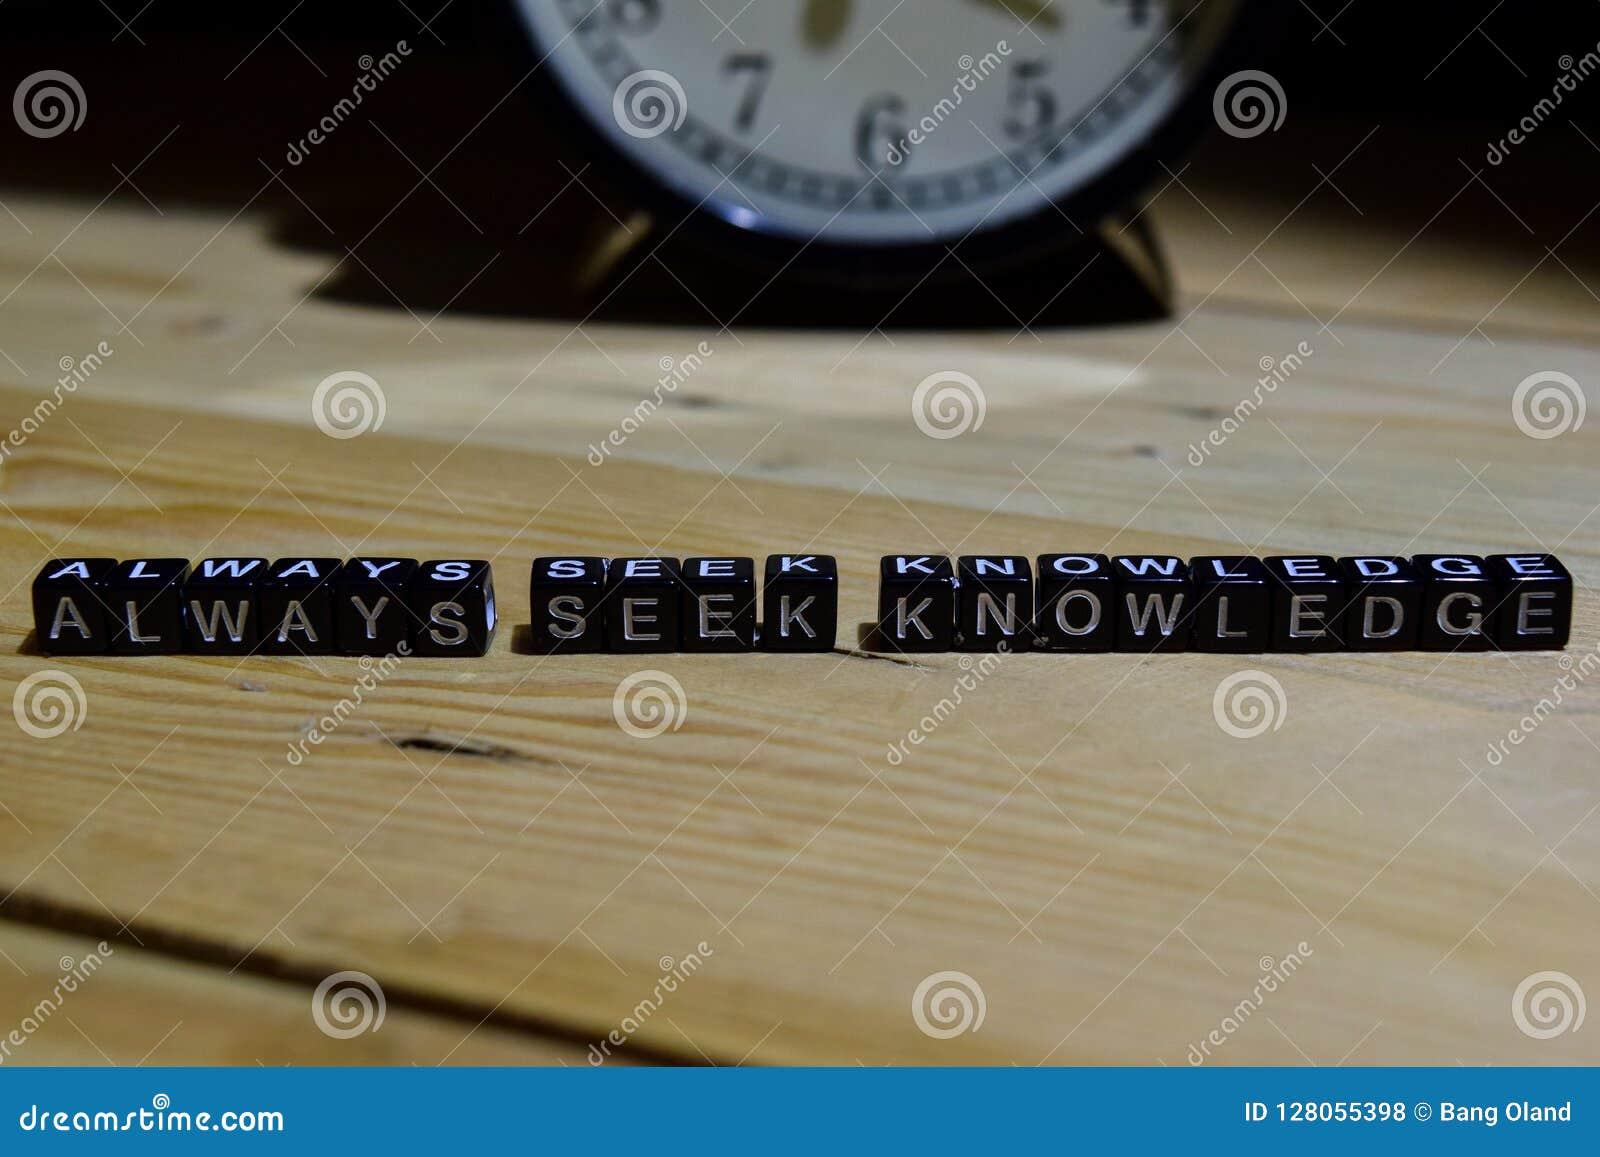 Siempre conocimiento de la búsqueda escrito en bloques de madera Educación y concepto del negocio